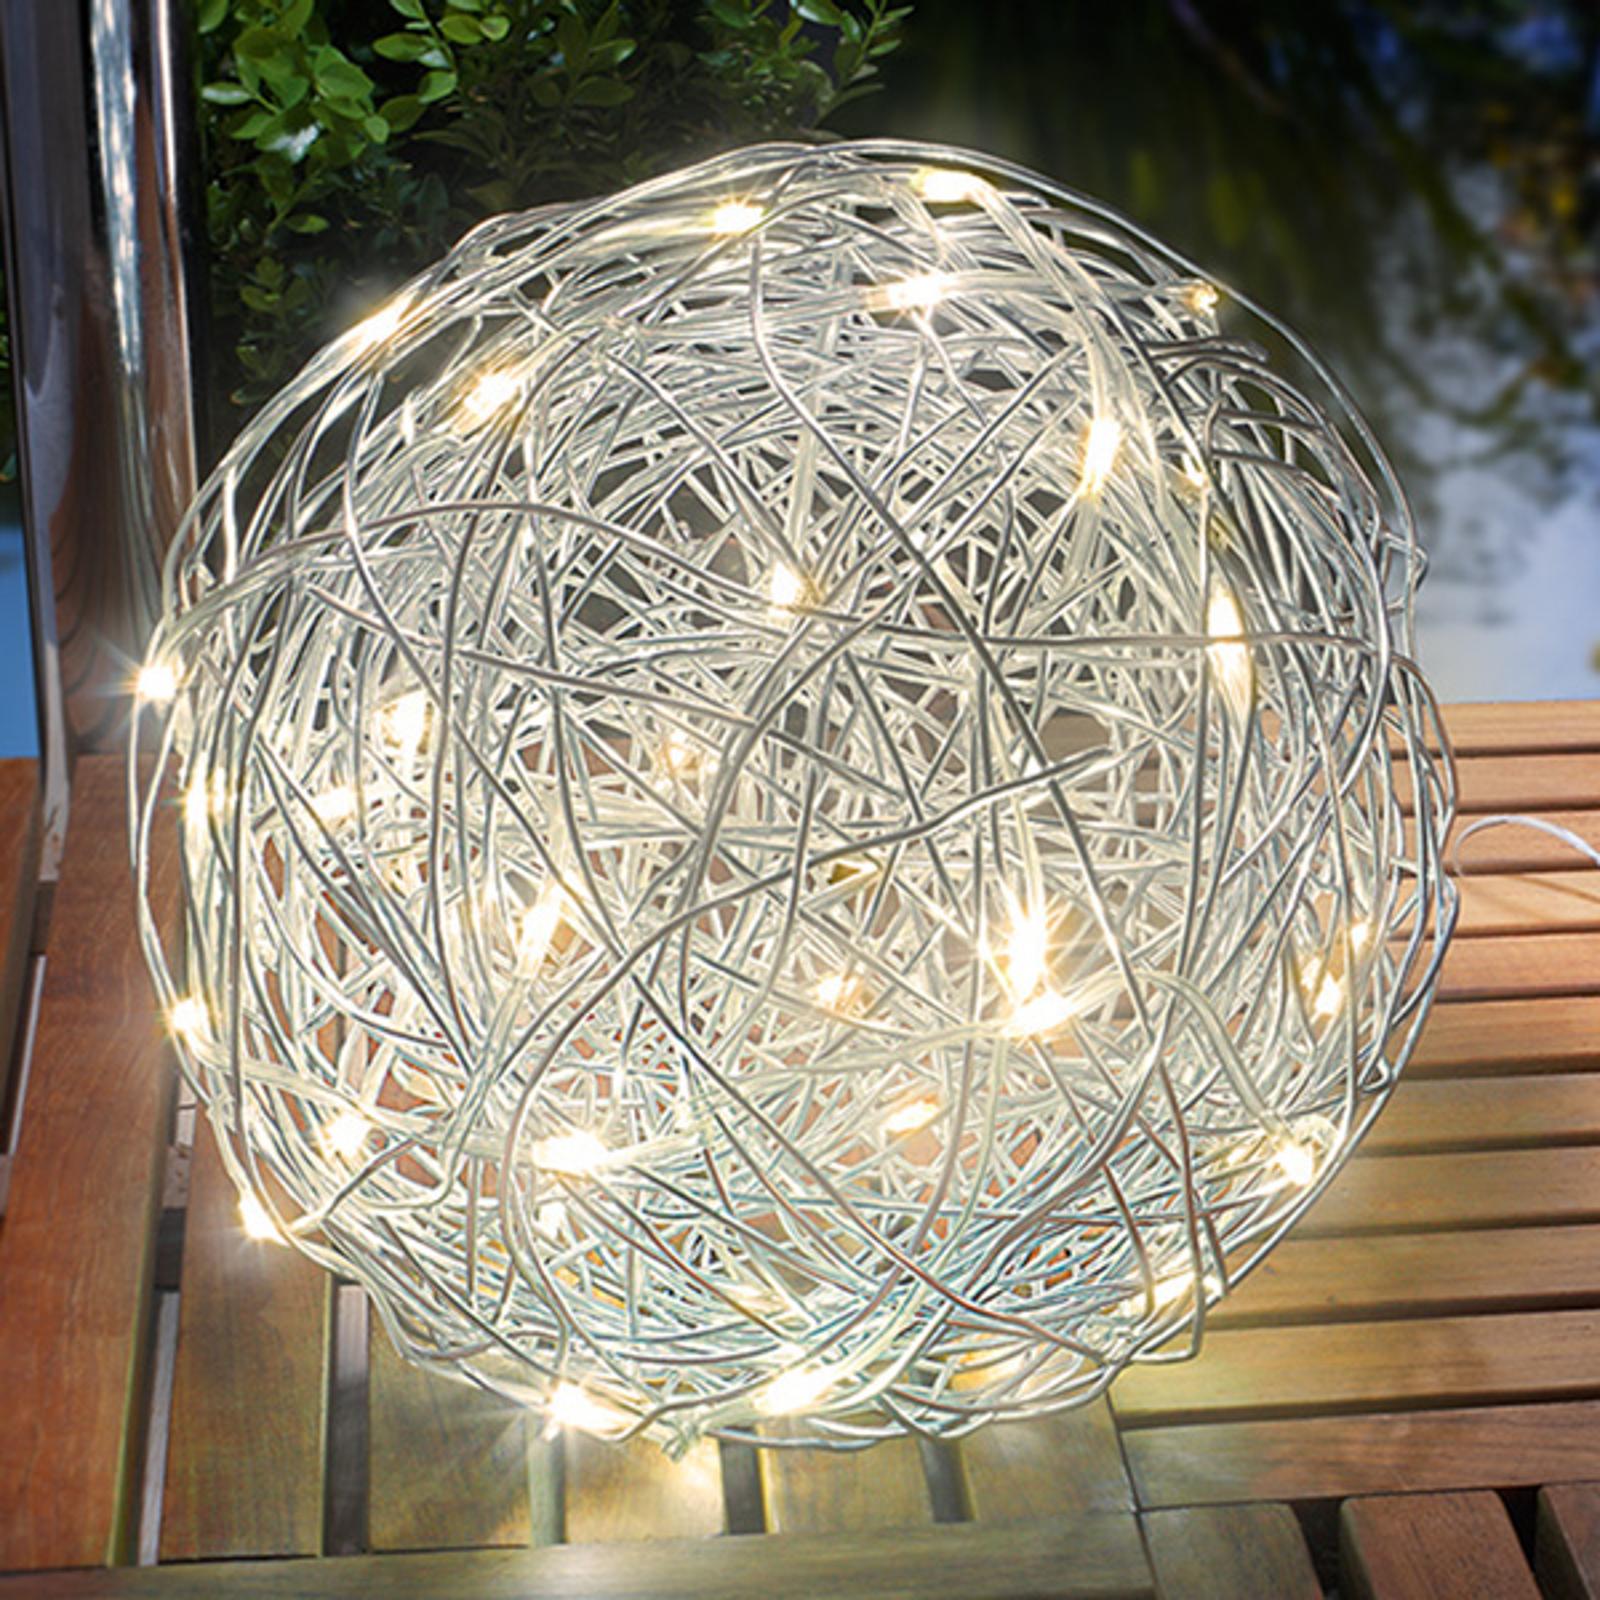 Warmwitte zonne-energie lamp aluminium draadbol